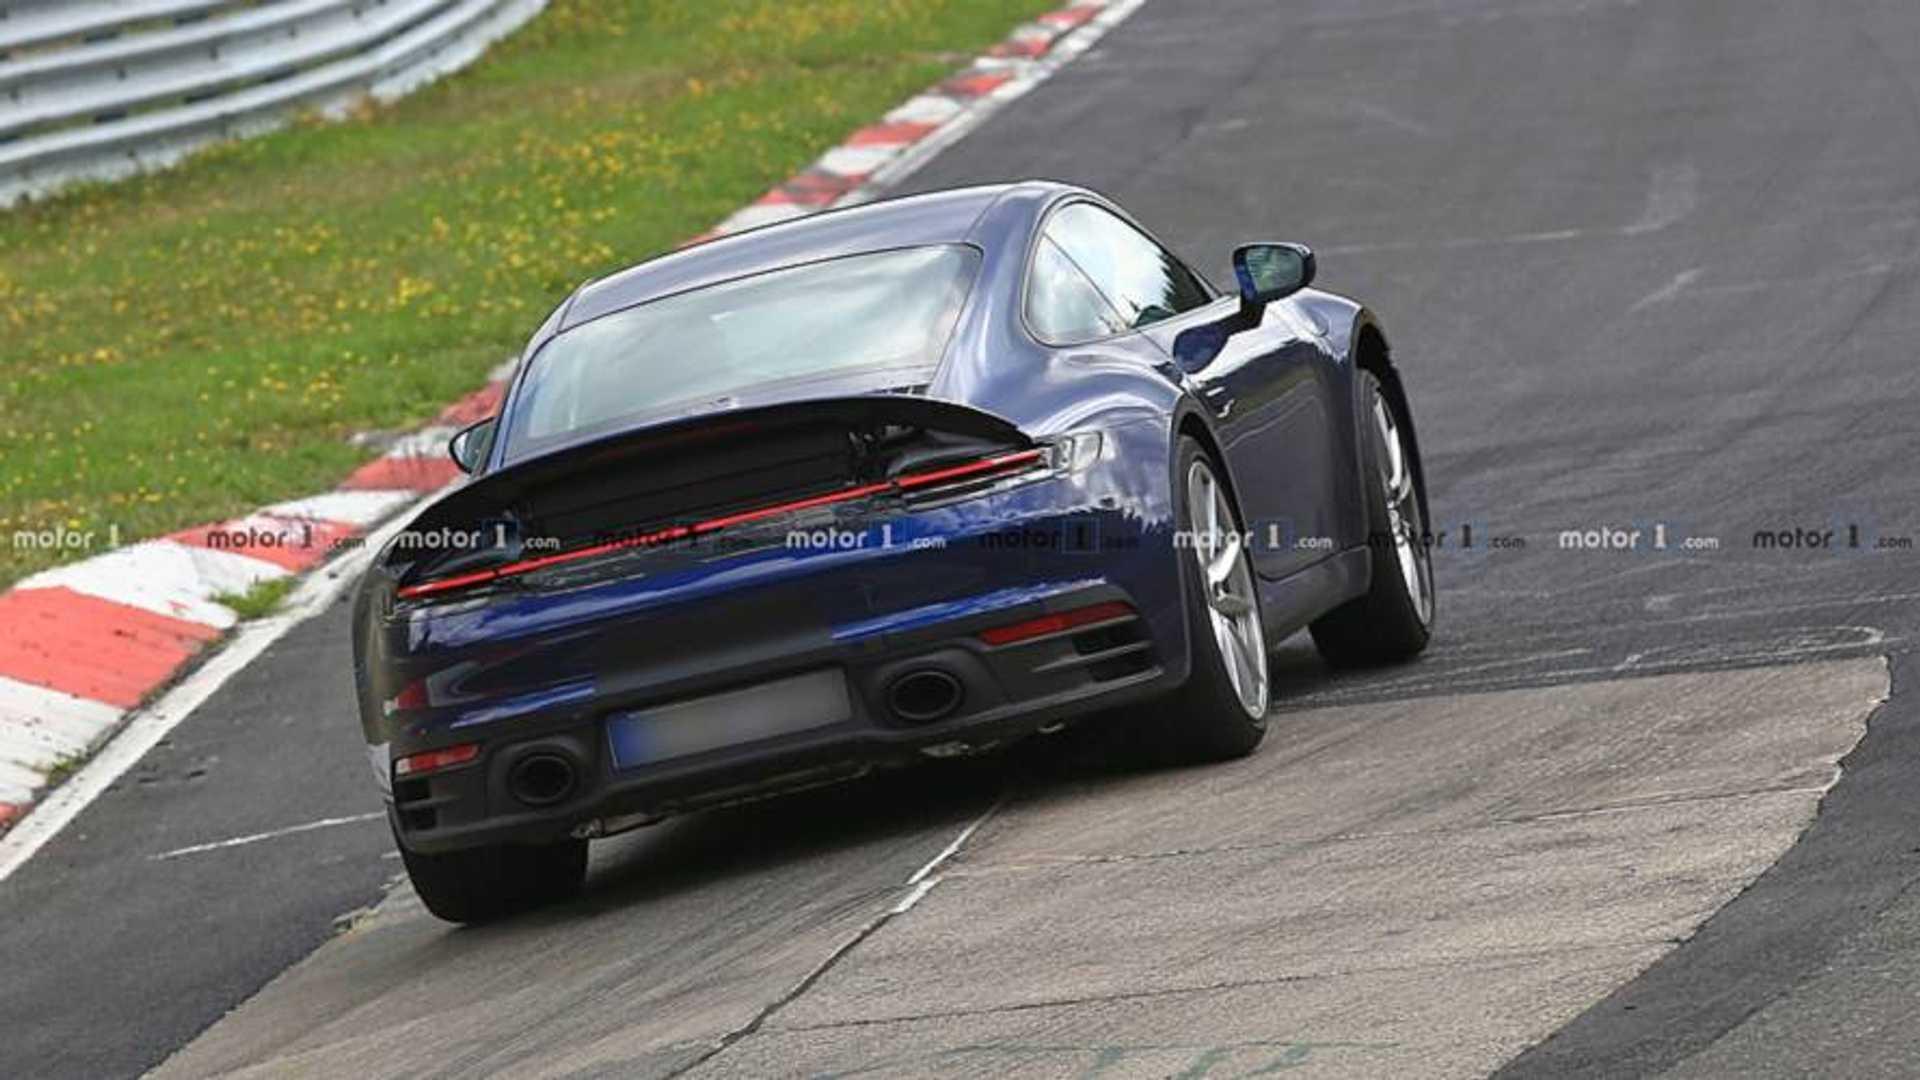 2018 - [Porsche] 911 - Page 8 2019-porsche-911-new-spy-photo